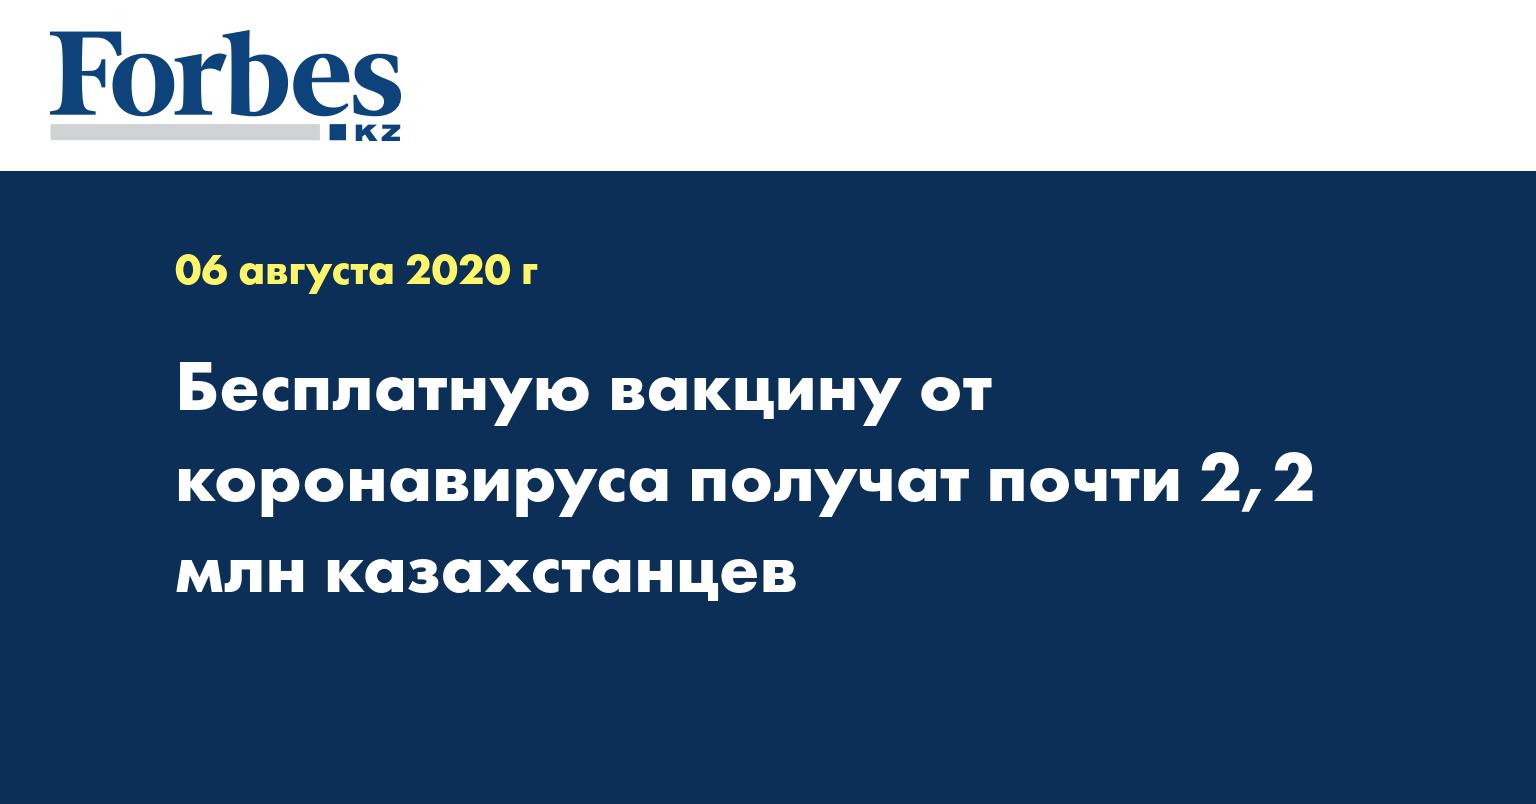 Бесплатную вакцину от коронавируса получат почти 2,2 млн казахстанцев